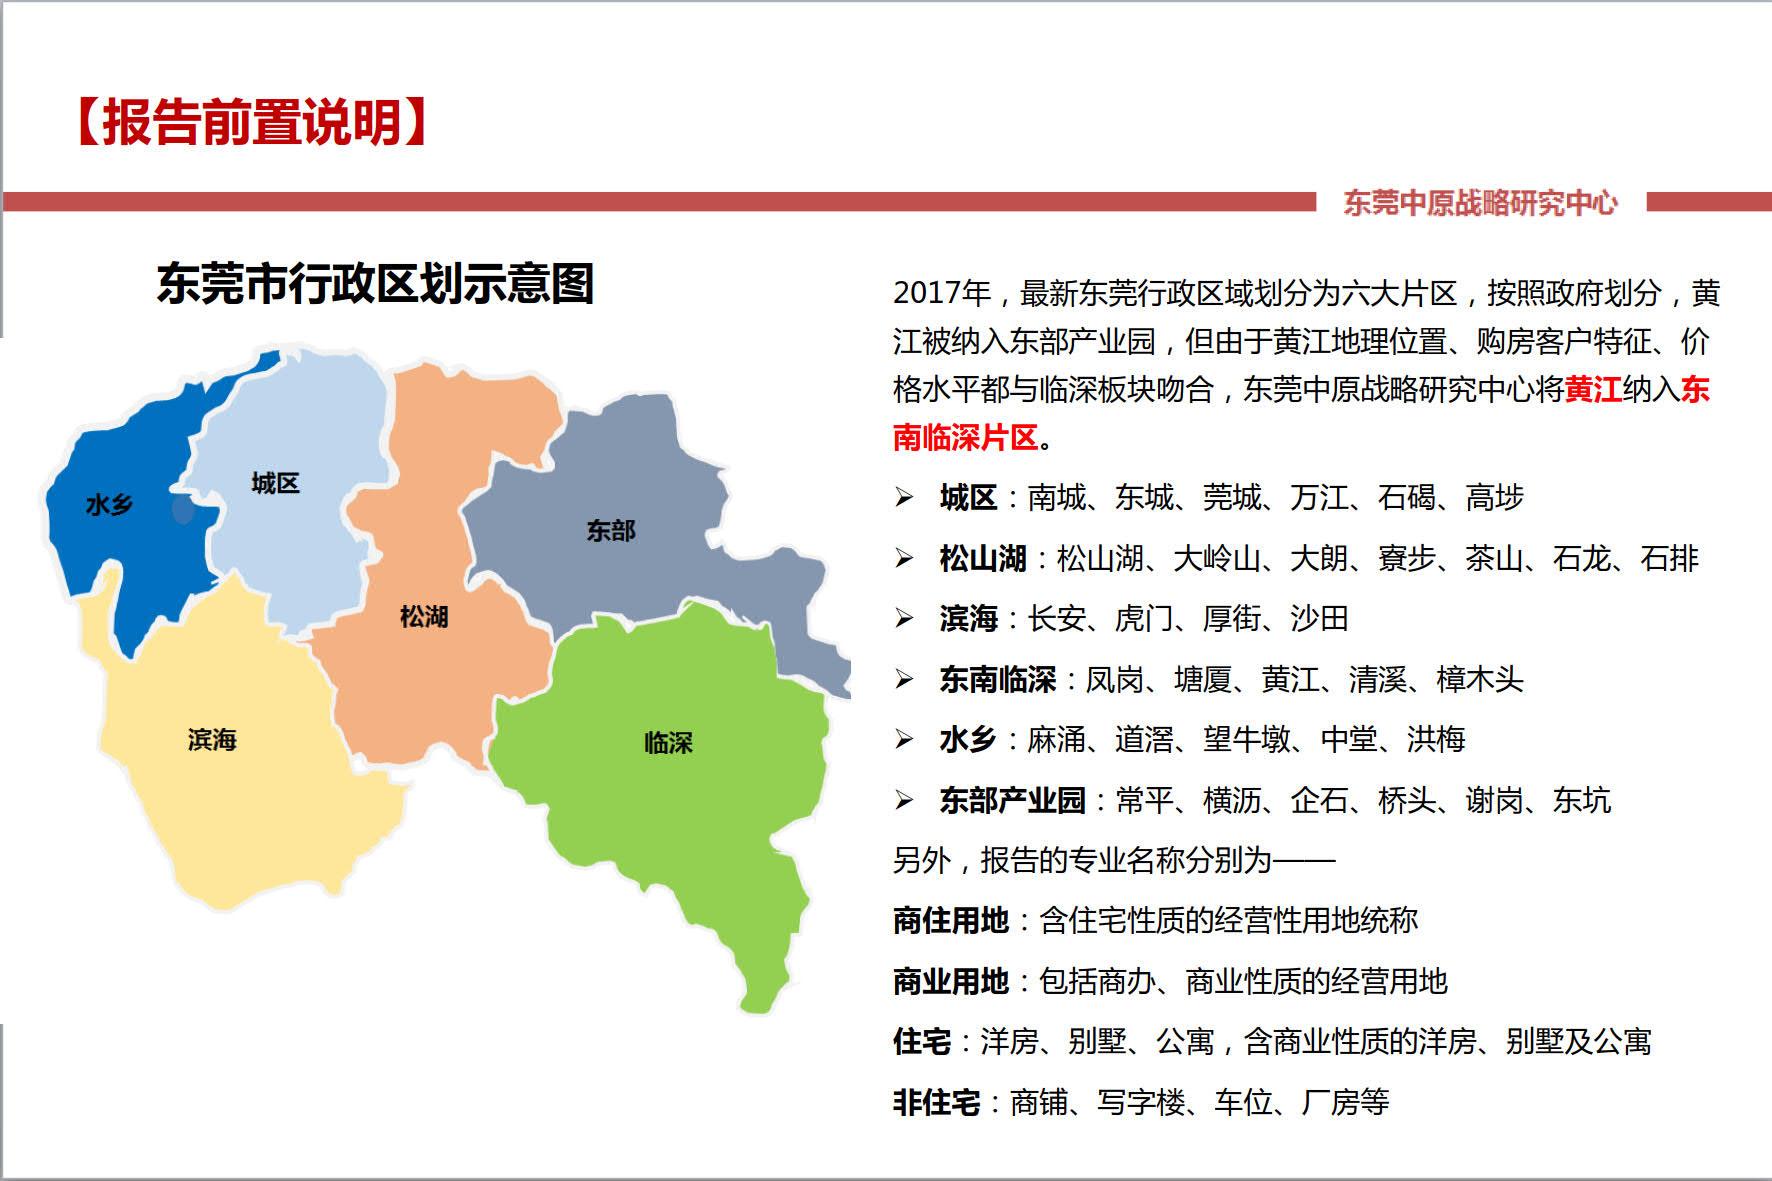 东莞中原战略研究中心:2018年三季度东莞房地产市场分析报告 【客户版】_3.jpg